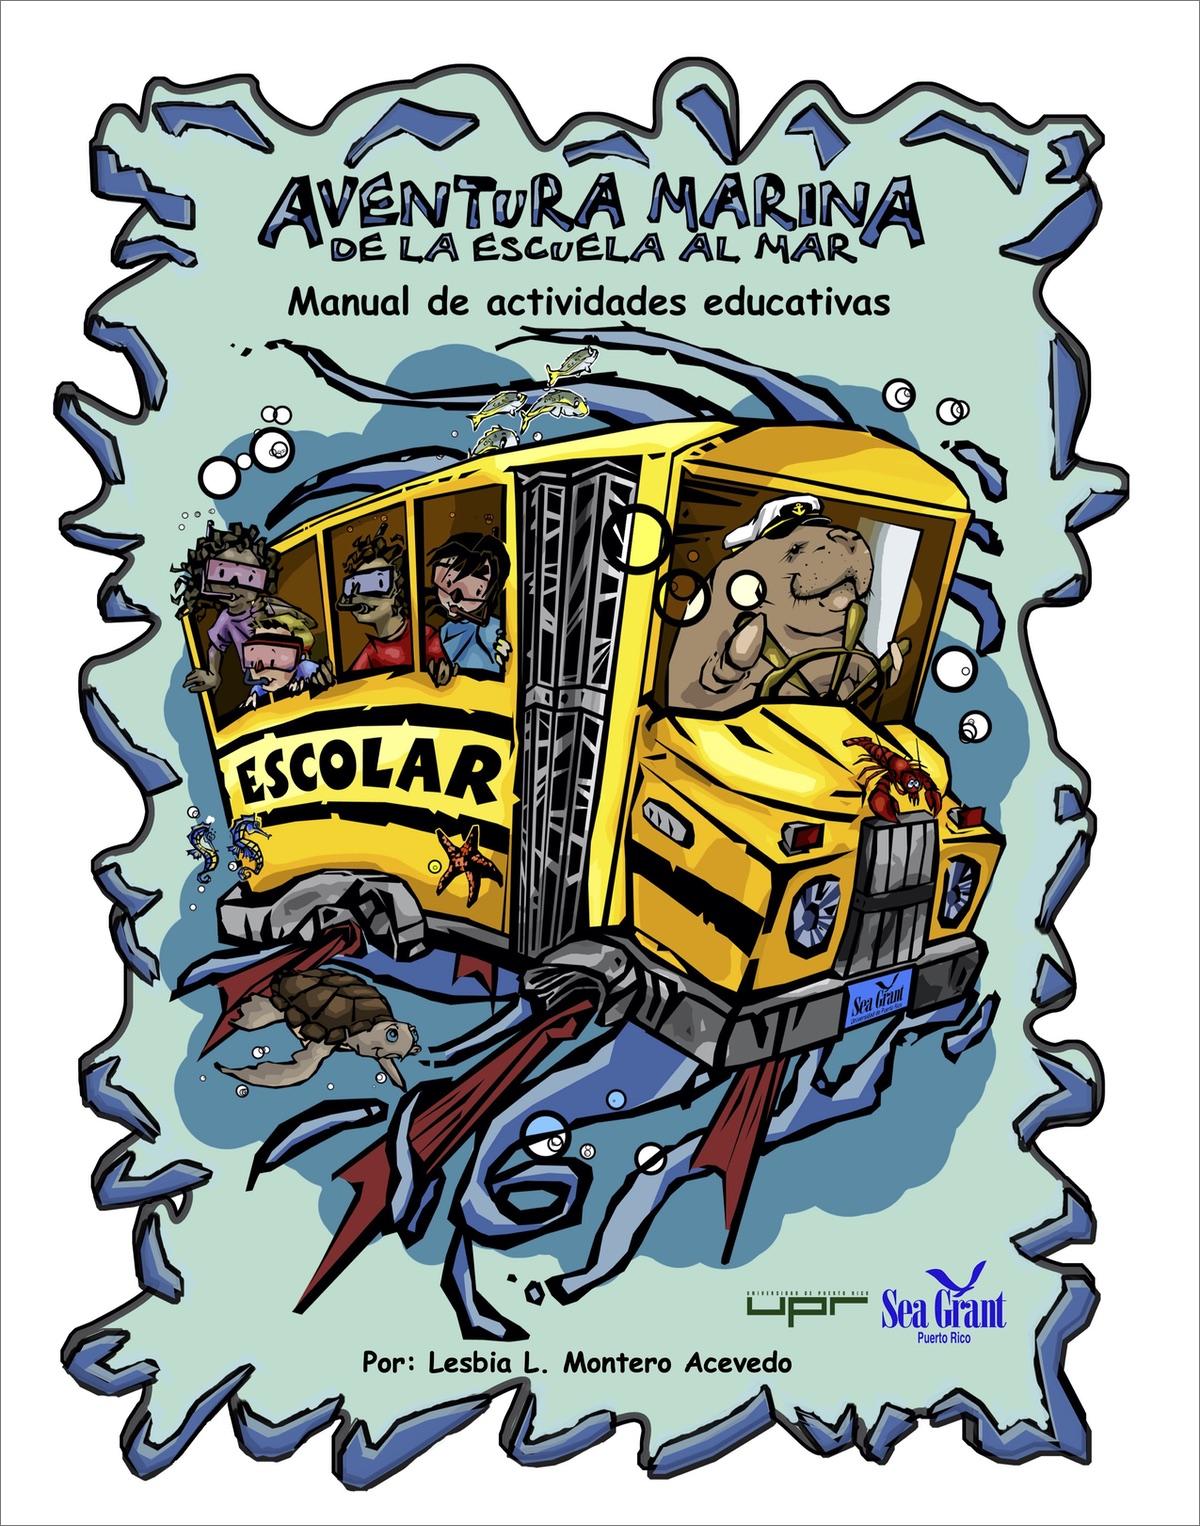 Aventura marina de la escuela al mar: Manual de actividades educativas